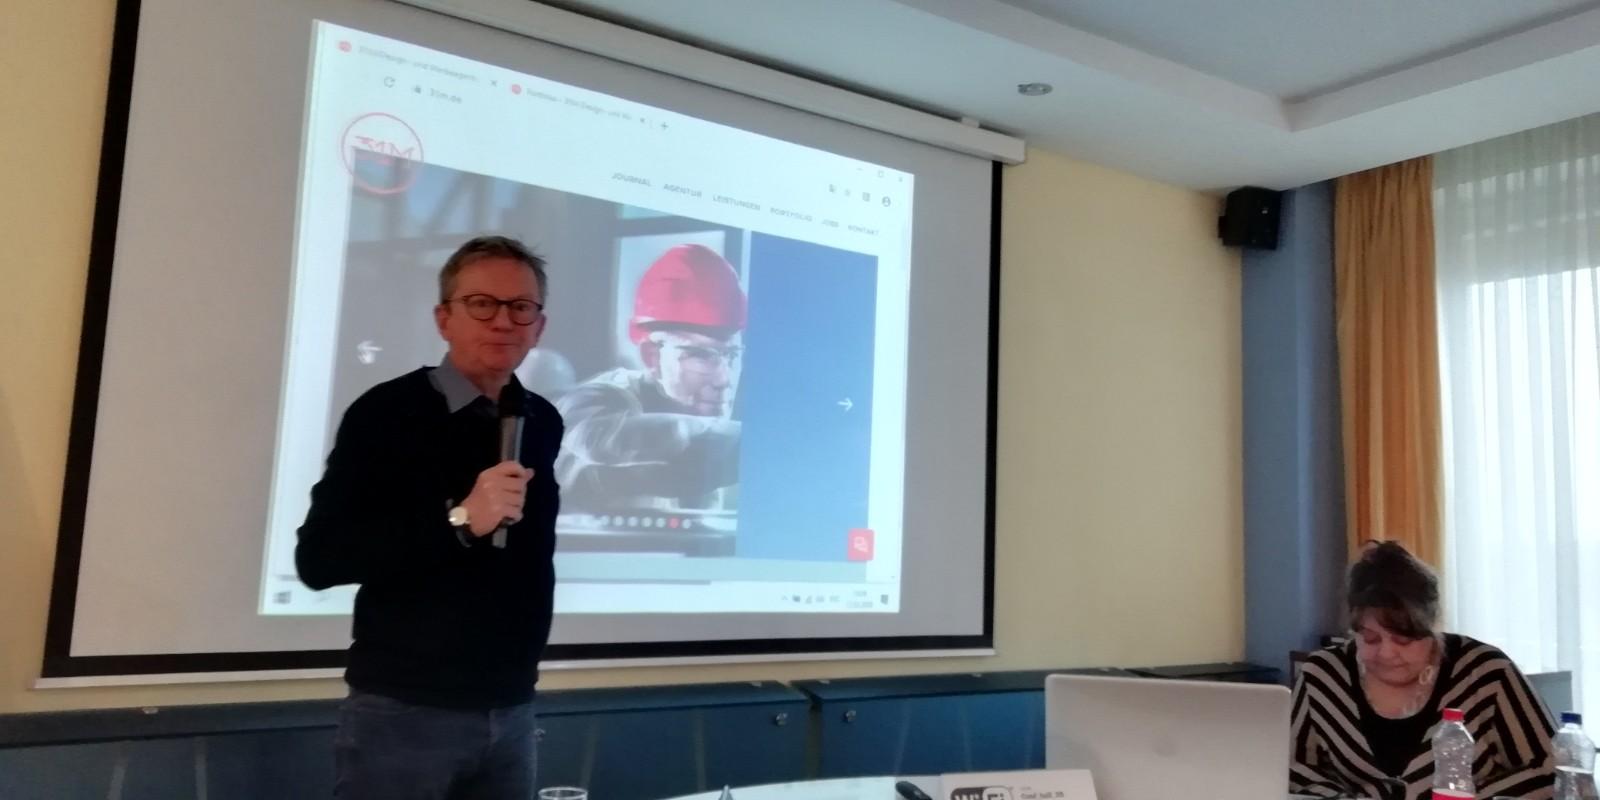 Dieter Rehmann, 31M Geschäftsführer bei seinem Vortrag zum Thema Fundraising und Non-Profit-Kommunikation bei seinem